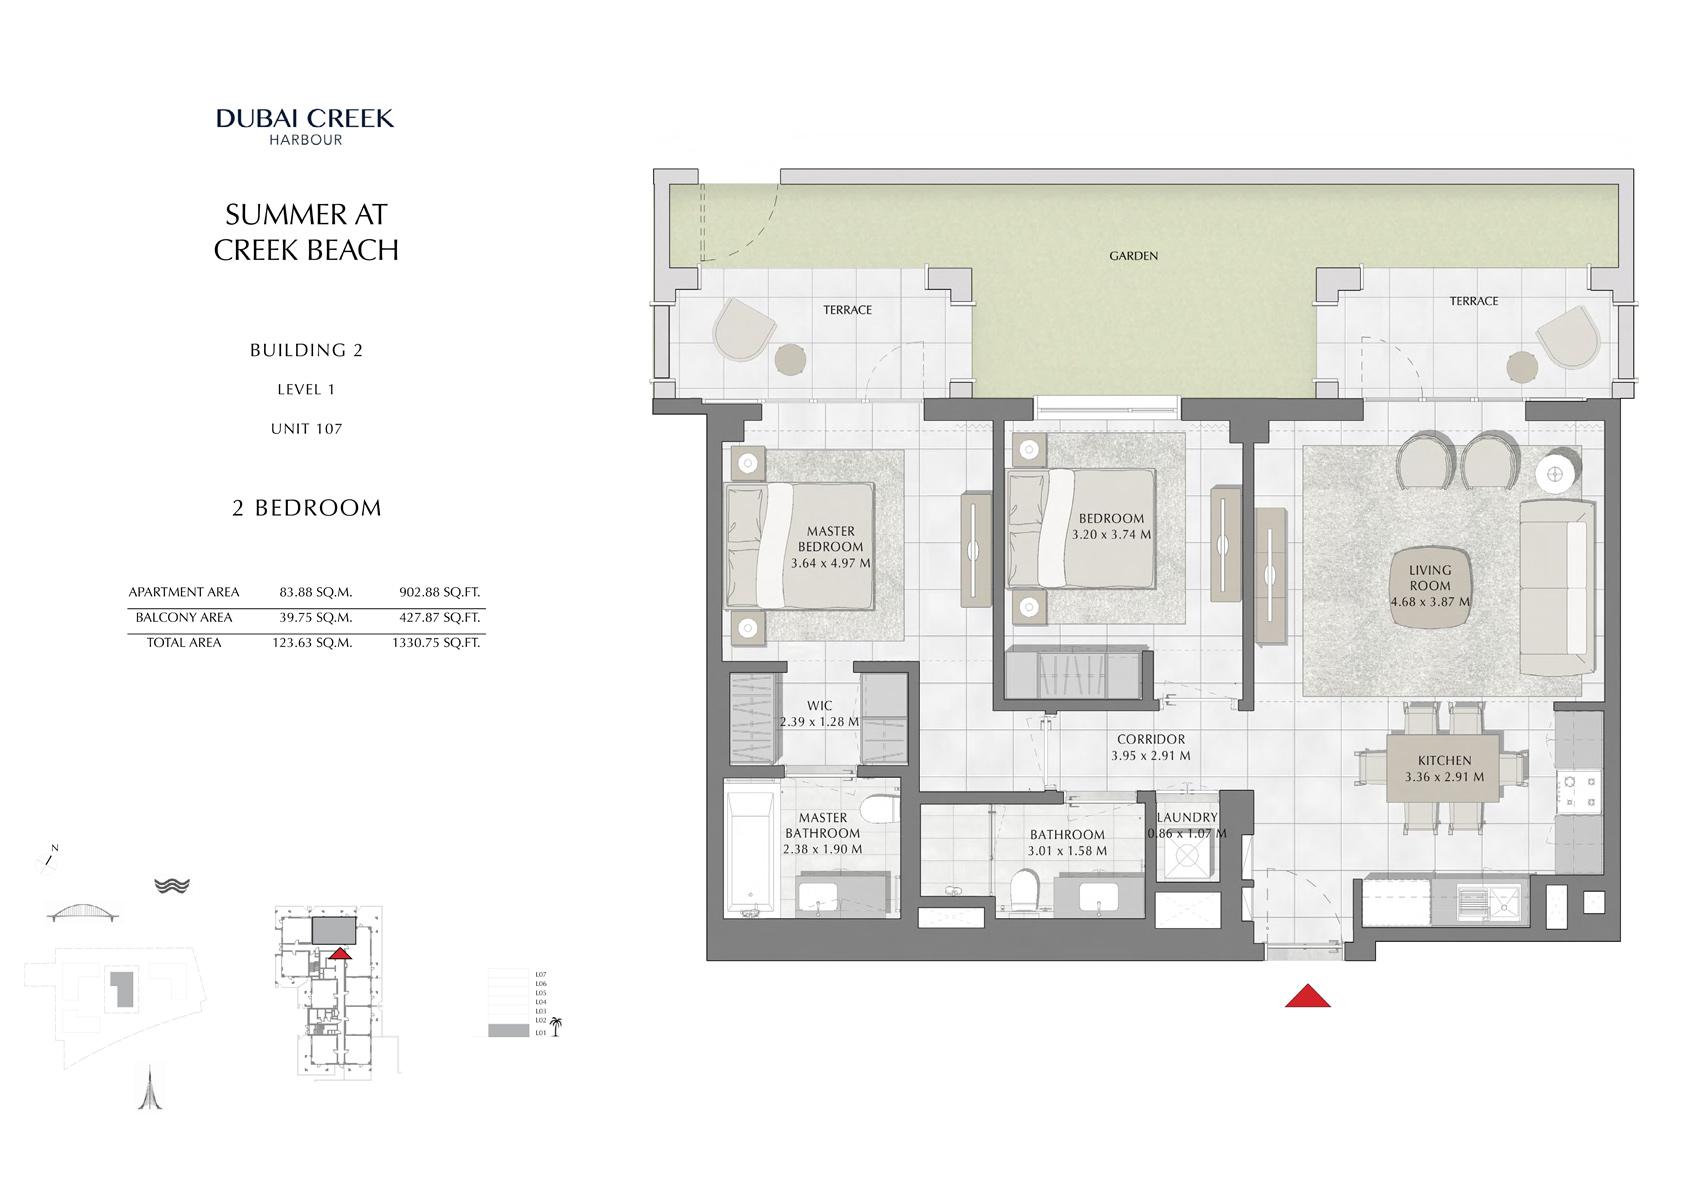 2 Br Building 2 Level 1 Unit 107, Size 1330 Sq Ft